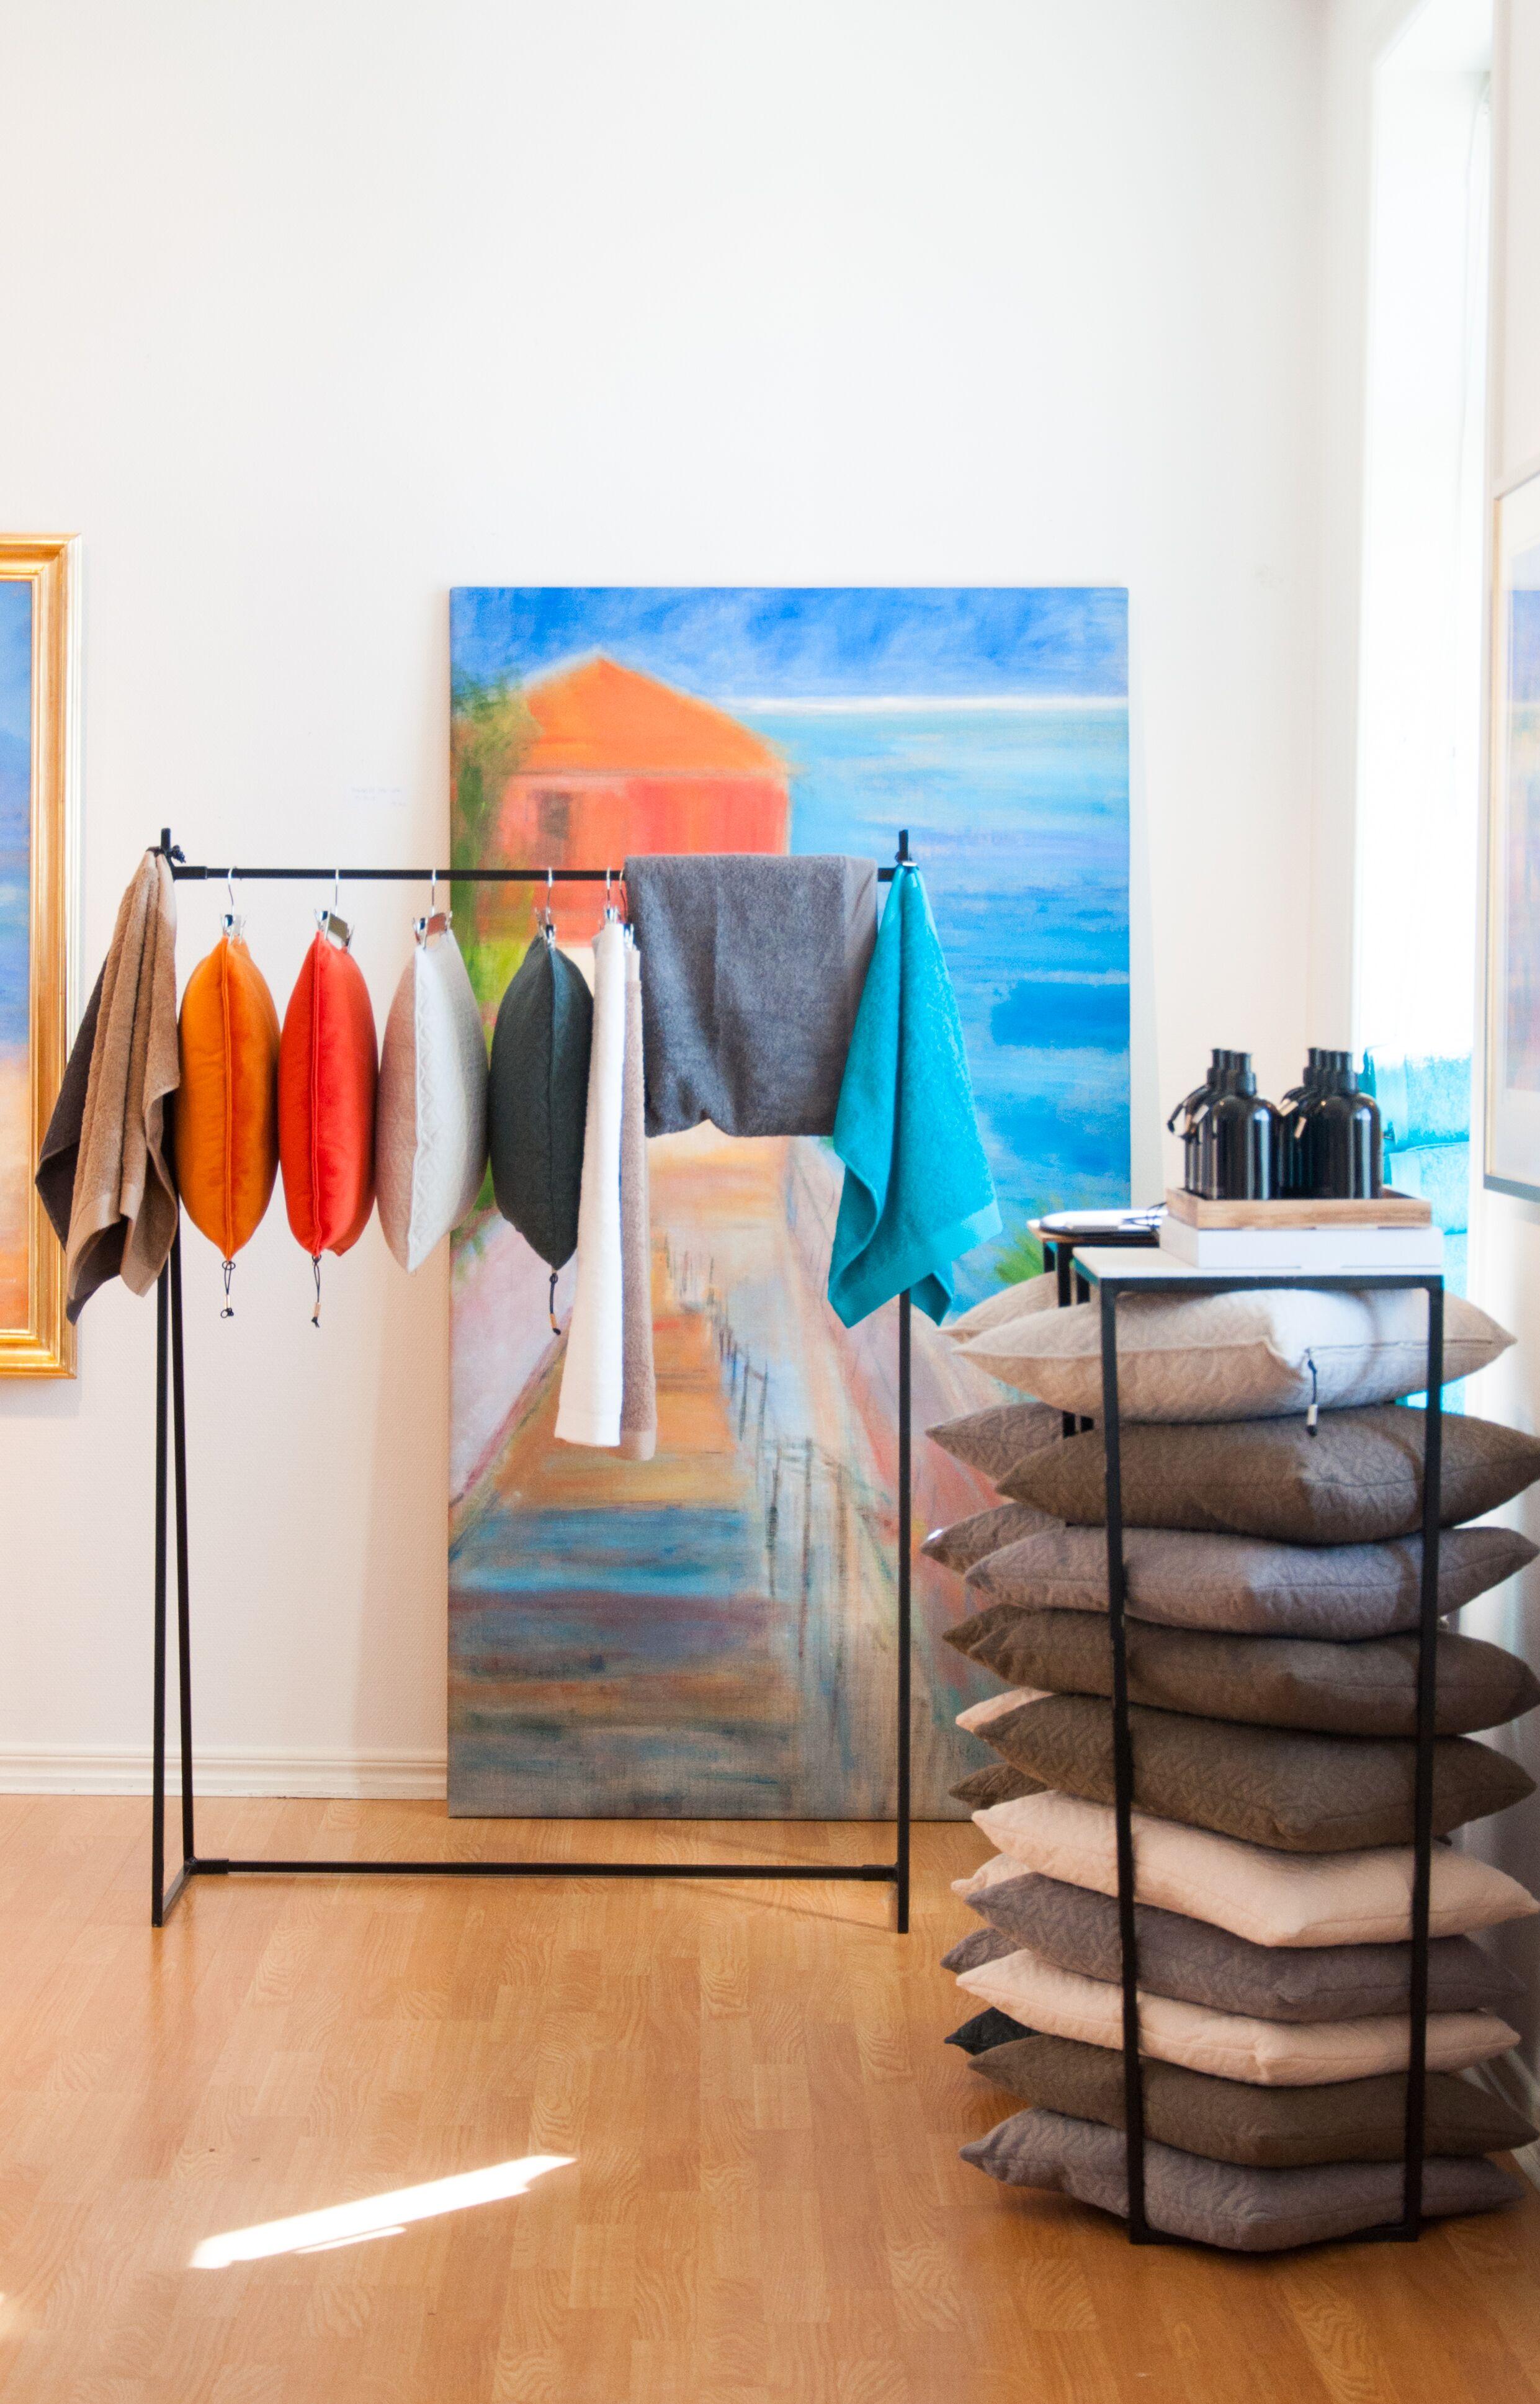 Mille W Nordisk Design vackra produkter färgmatchas med Viktorias Hallenius tavla. Foto: Leonor Juhl K